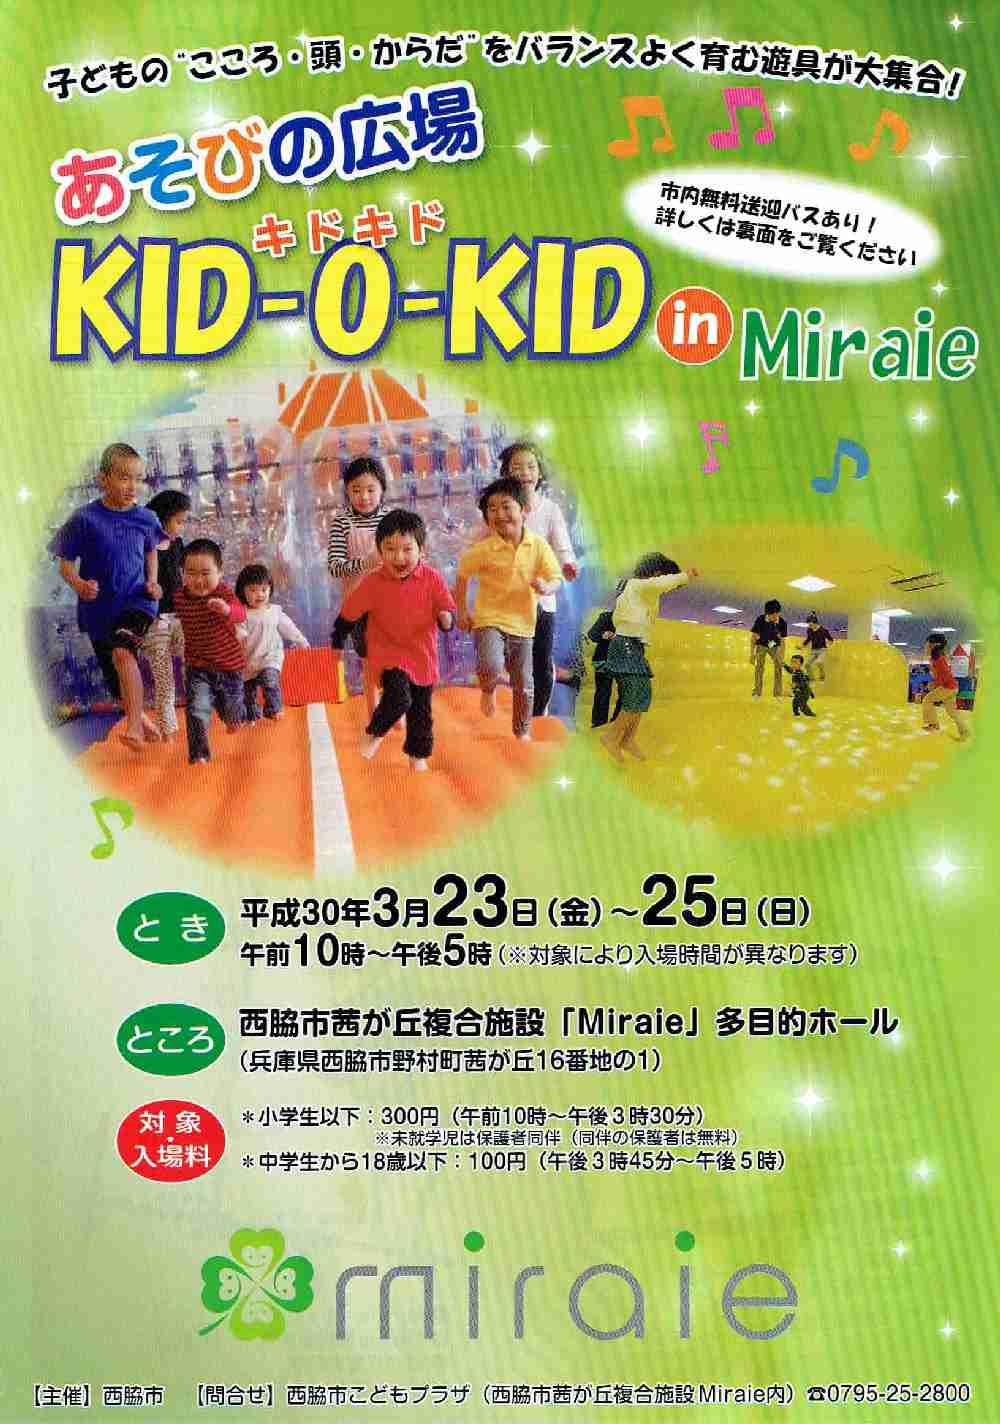 3/23~25 あそびの広場・KID-O-KID:みらいえ